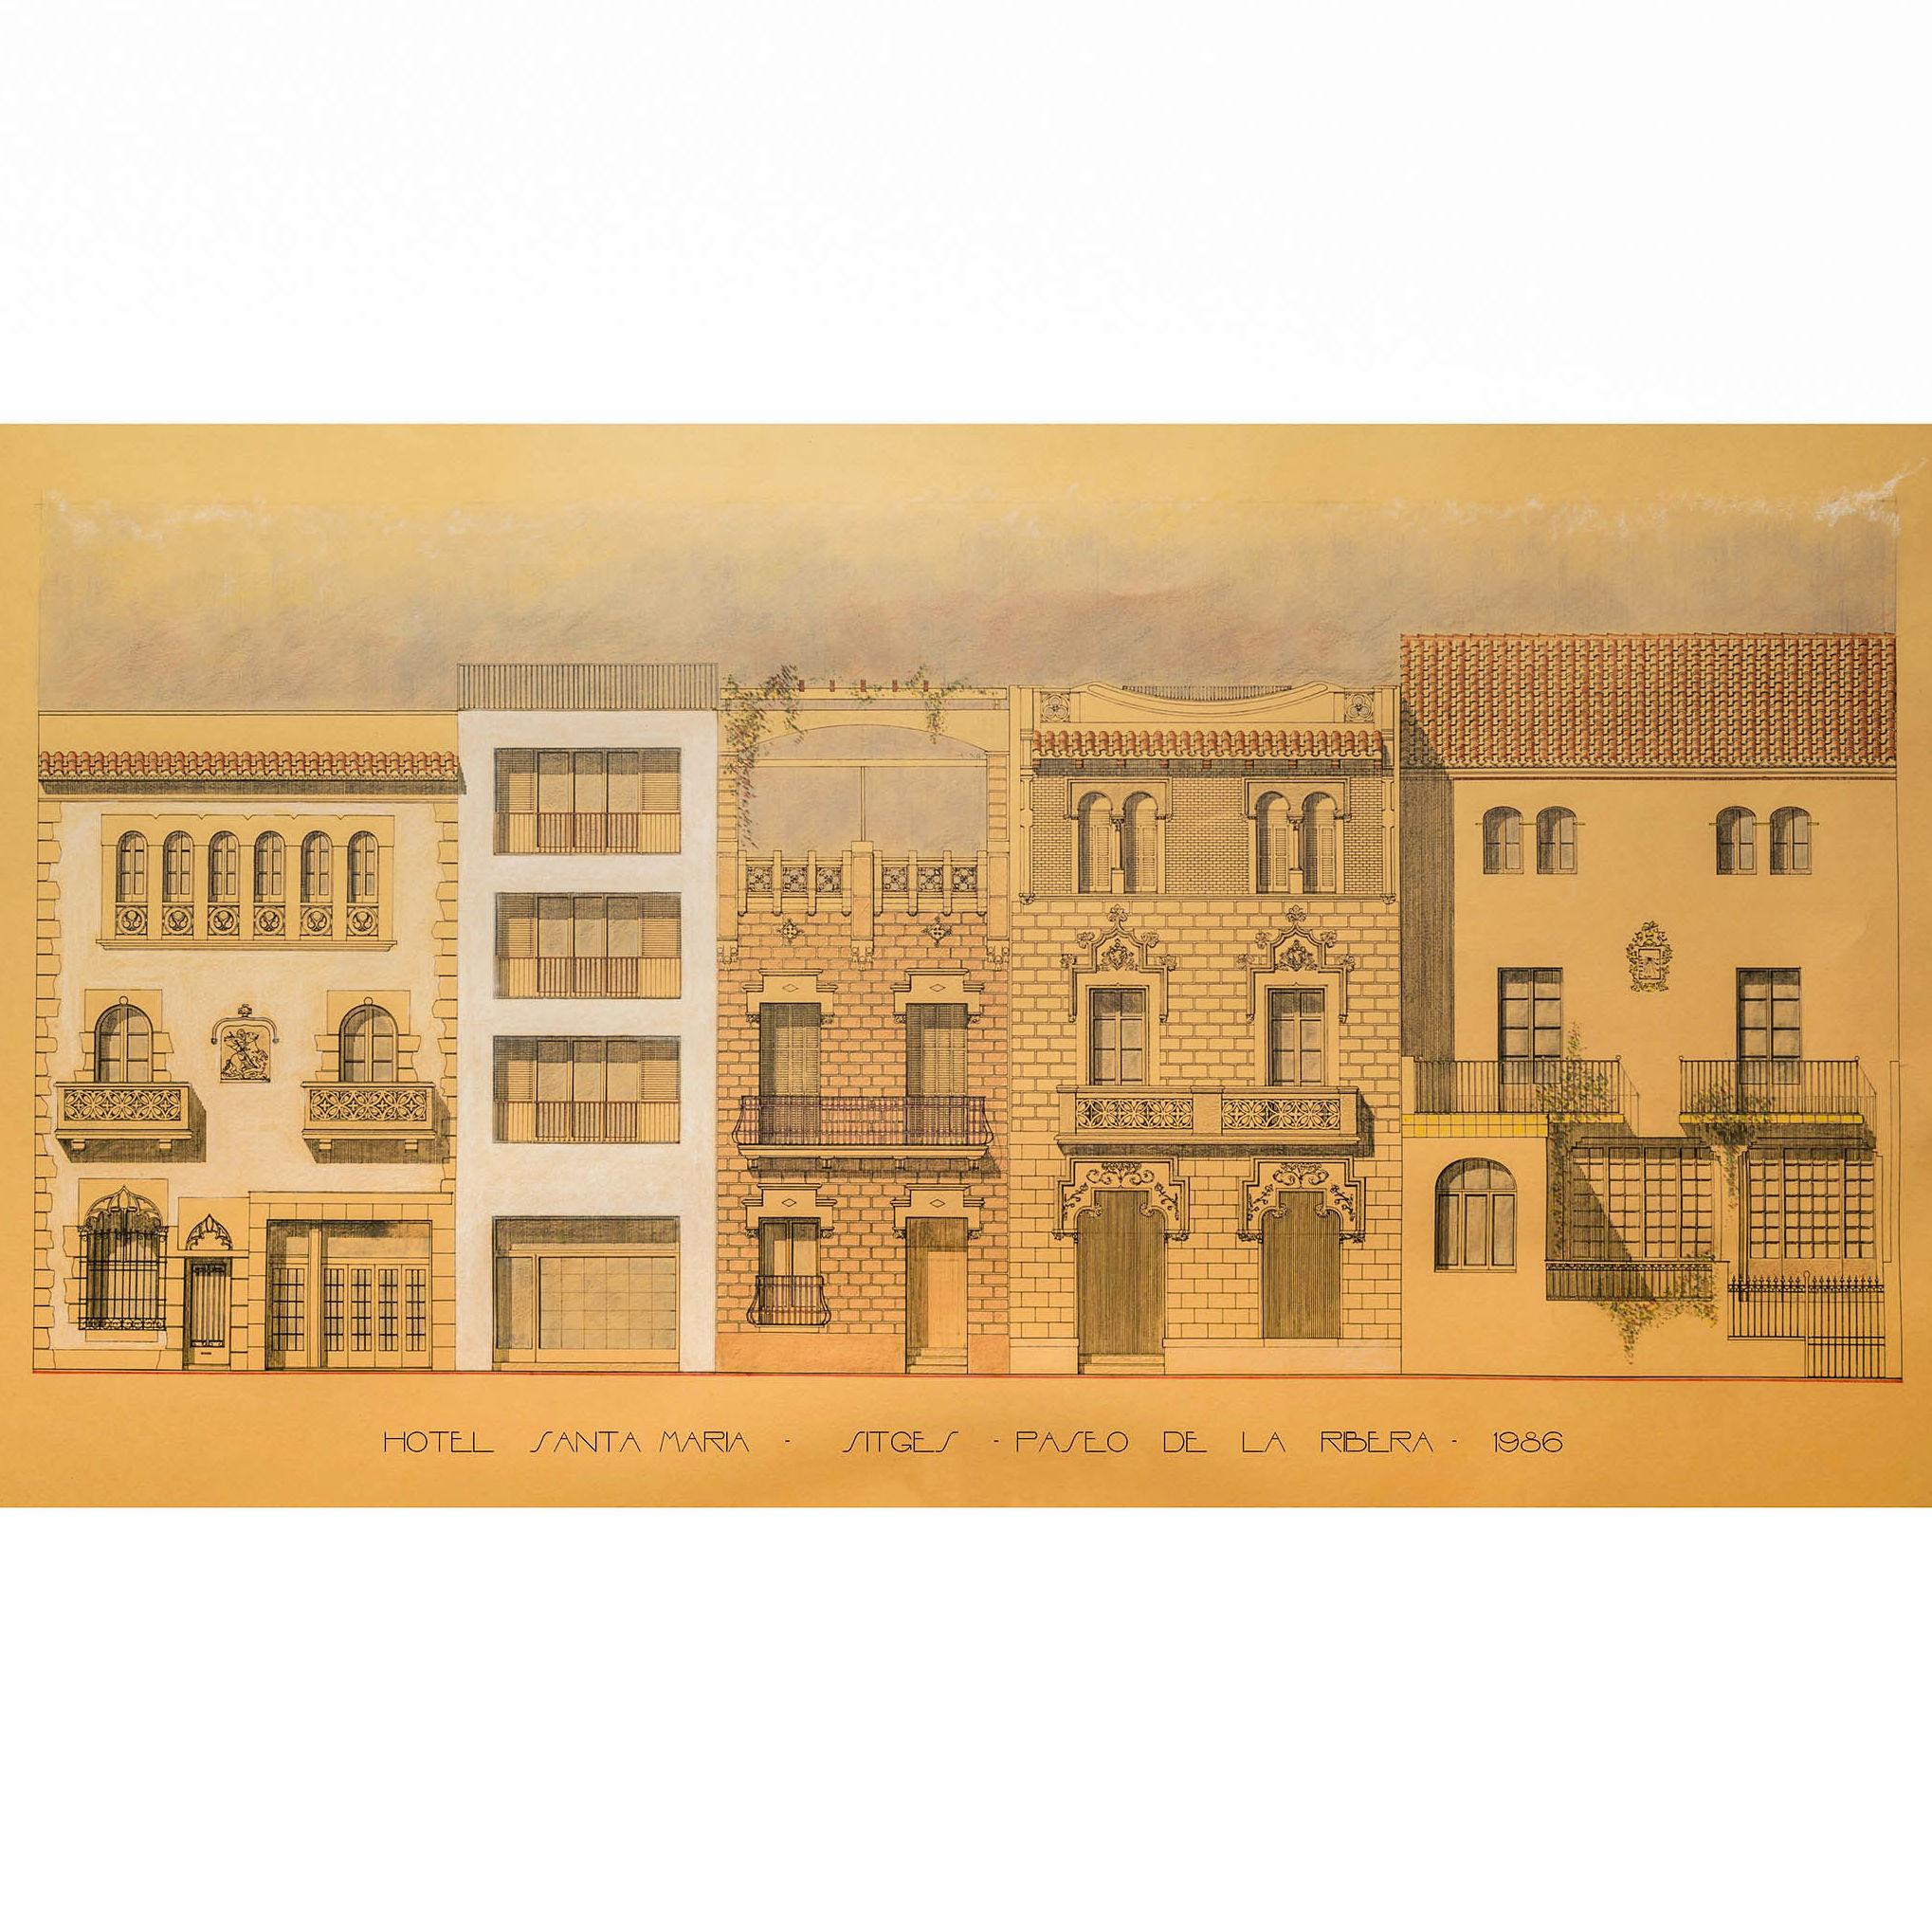 #hotelsantamaria #sitges #fpmarquitectura #arquitecturaperdida #paseodelaribera